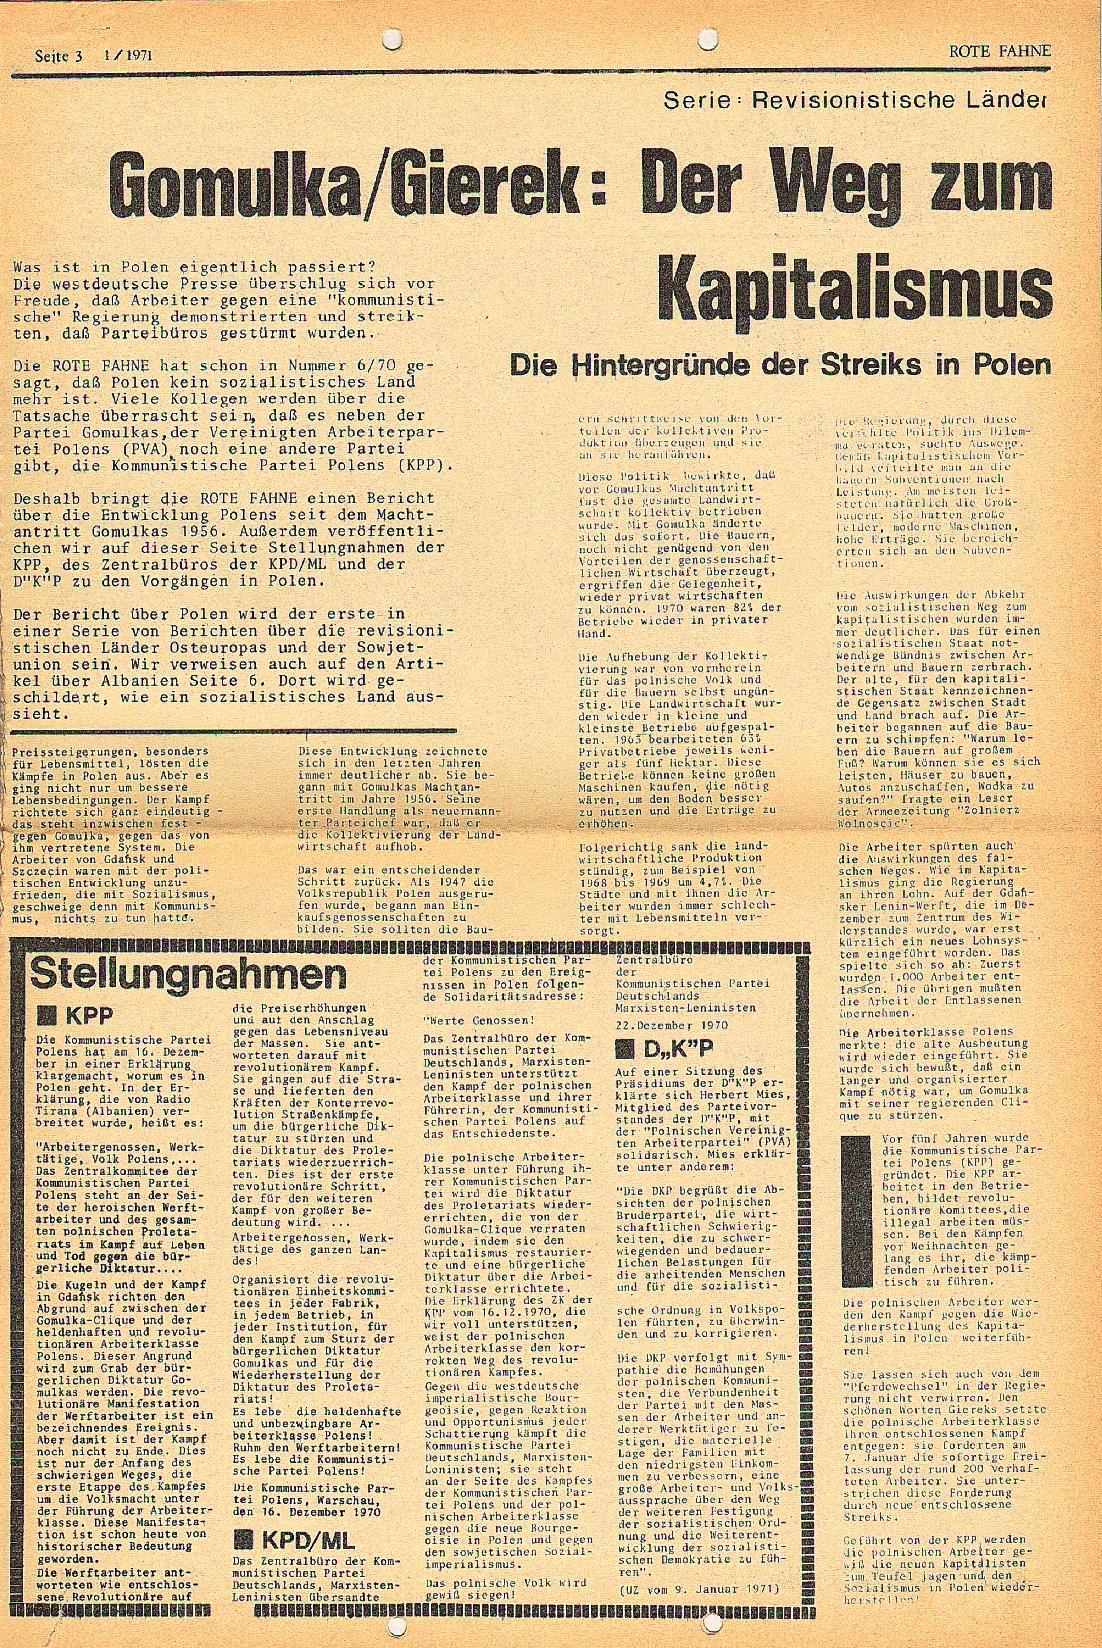 Rote Fahne, 2. Jg., 18.1.1971, Nr. 1, Seite 3